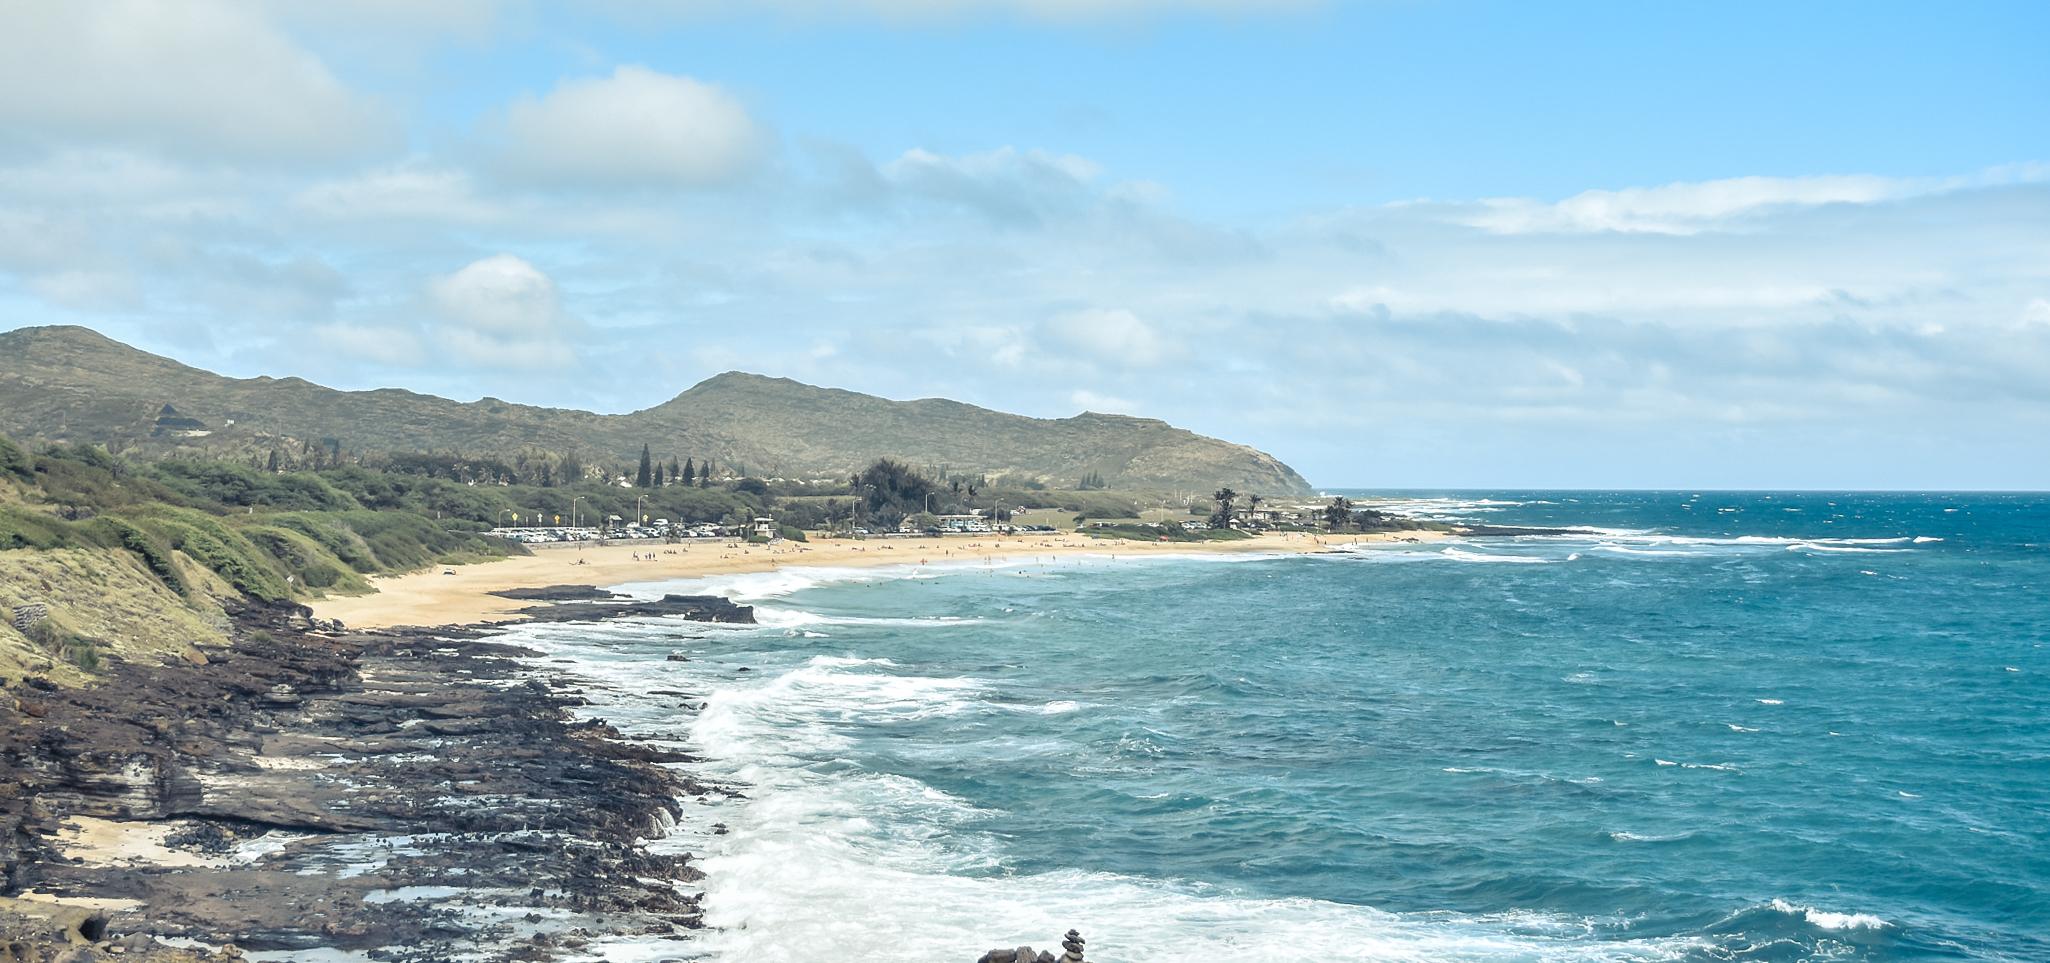 3-el-blog-de-silvia-viaje-hawaii-oahu